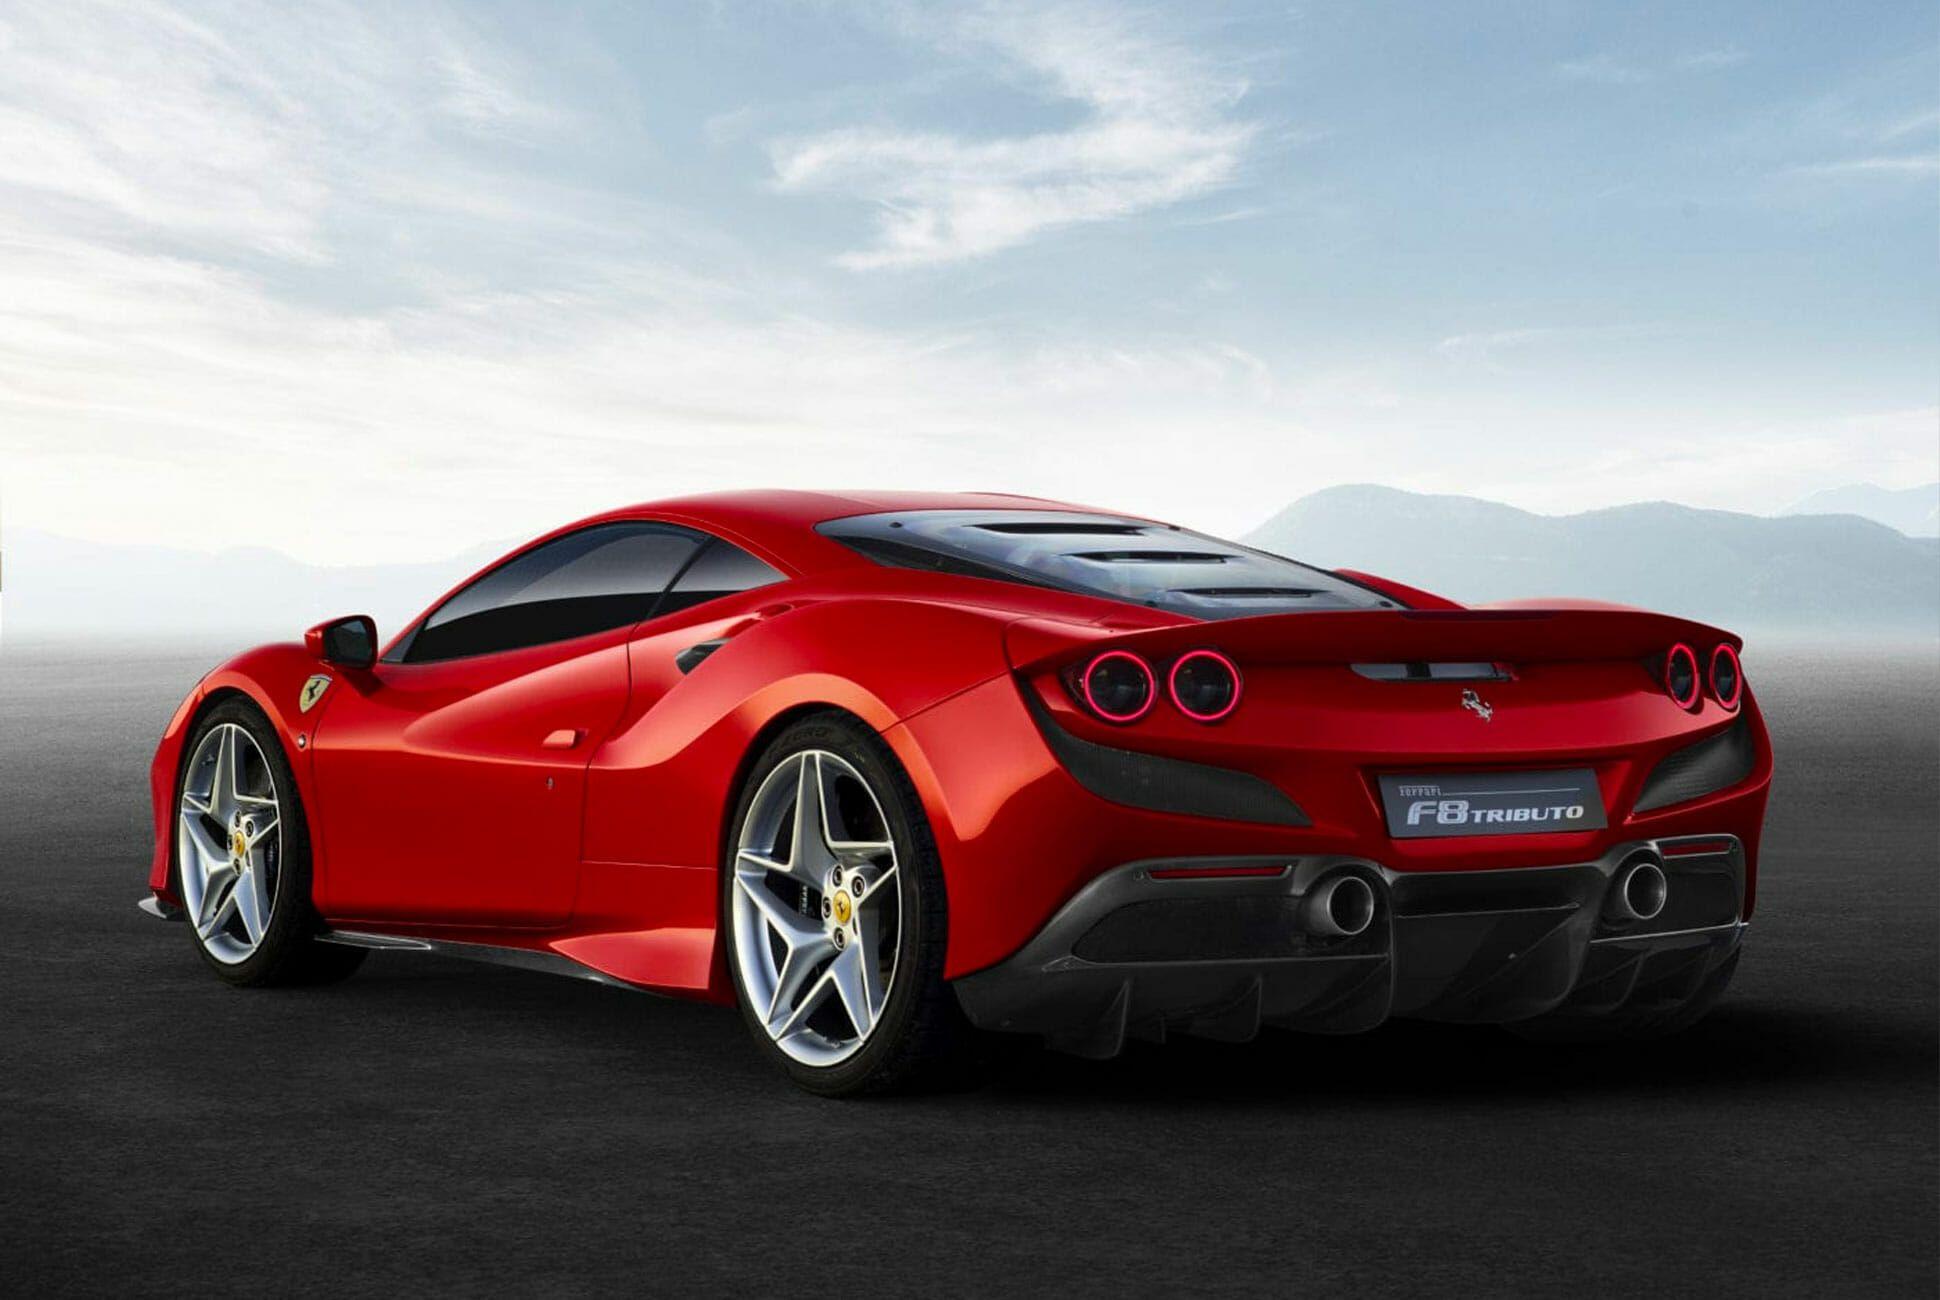 Ferrari-F8-Triturbo-Gear-Patrol-slide-2